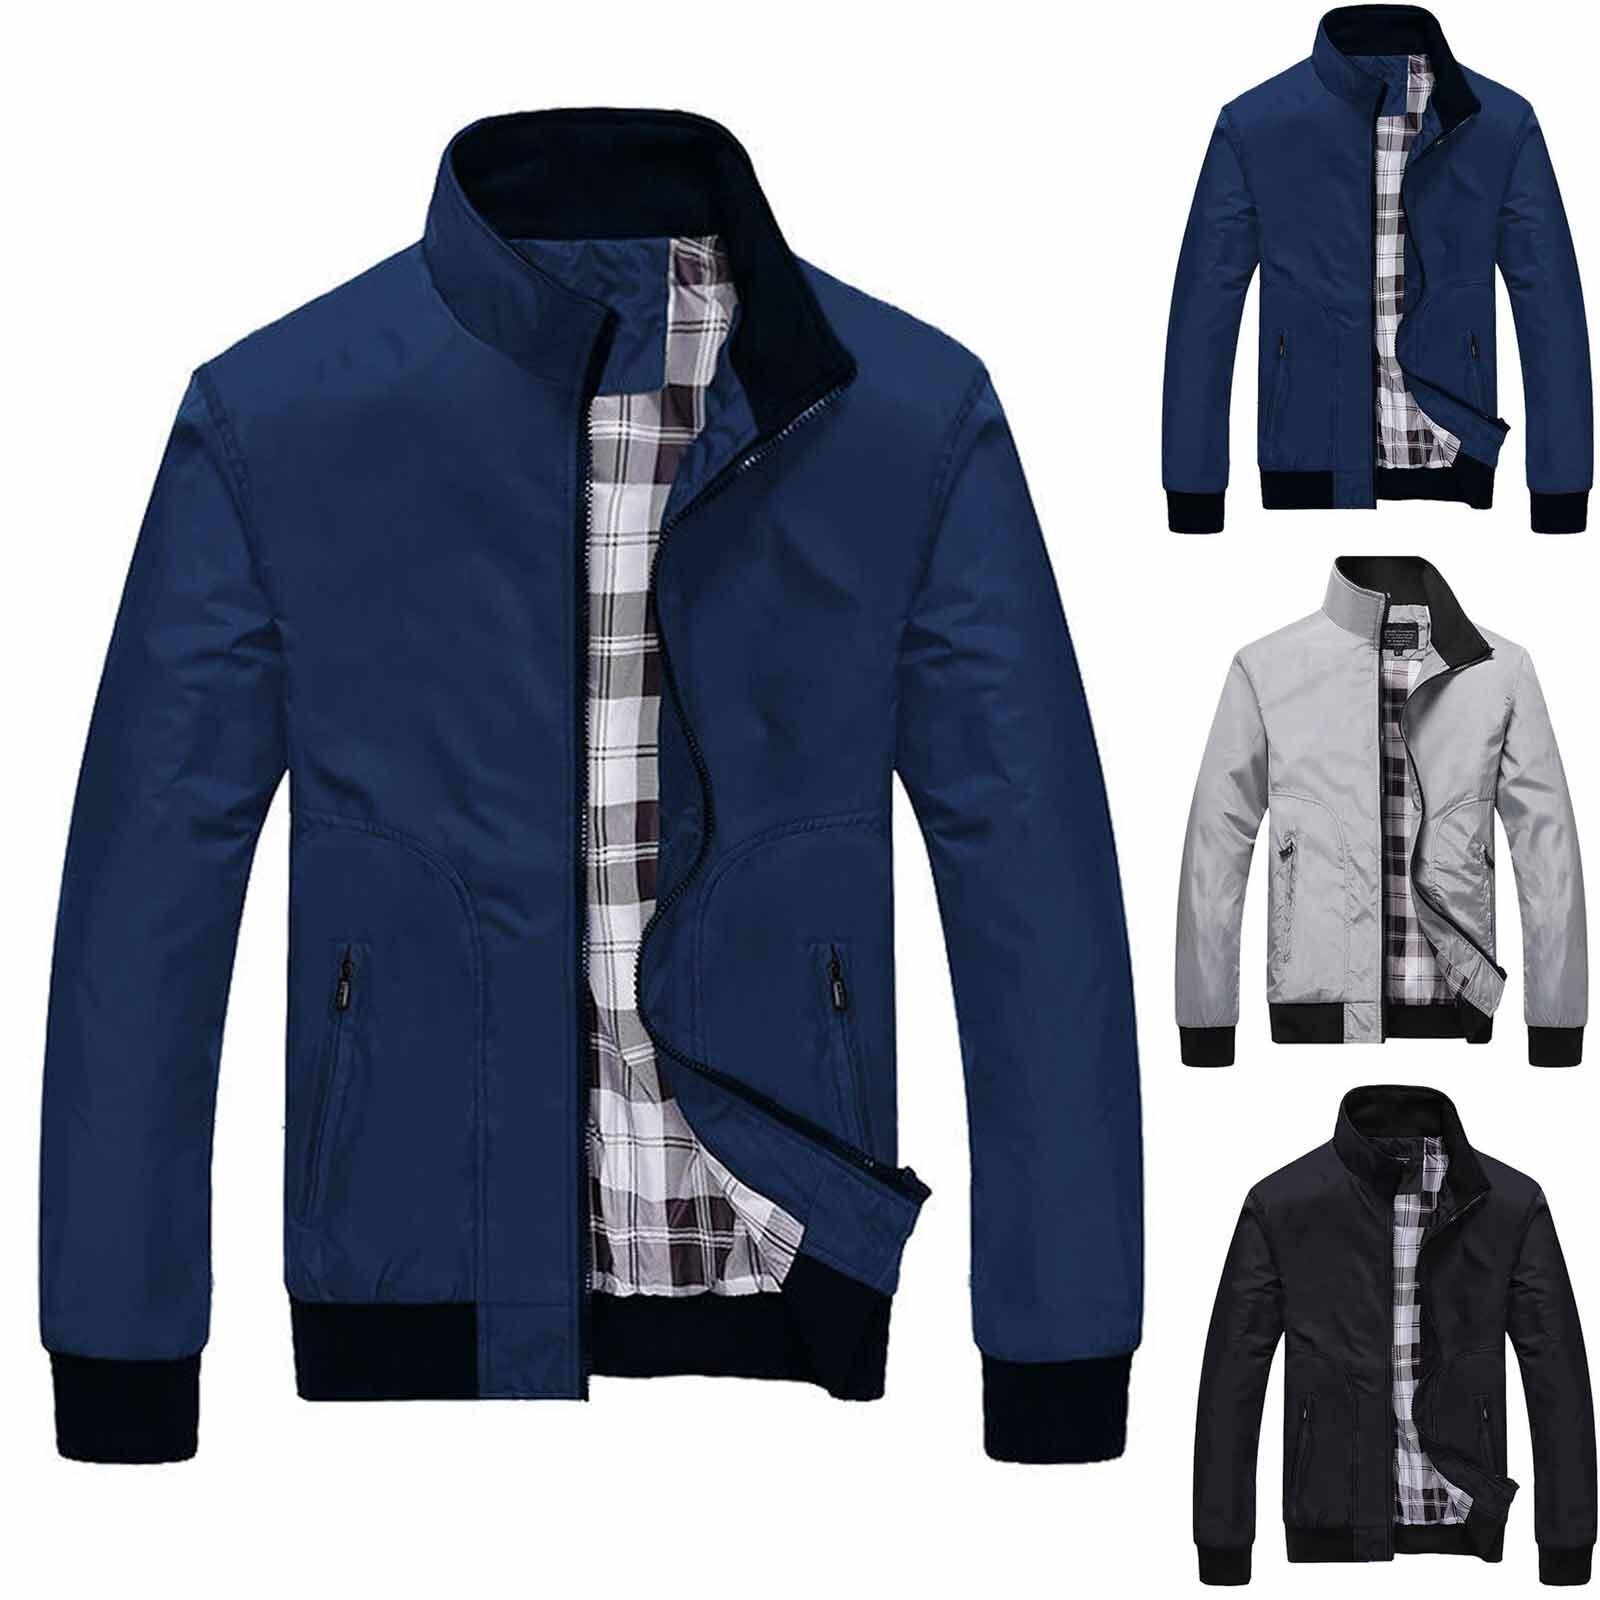 Куртка-бомбер мужская на молнии, модная Повседневная ветровка, пальто, верхняя одежда, однотонная, размера плюс #35, Осень-зима